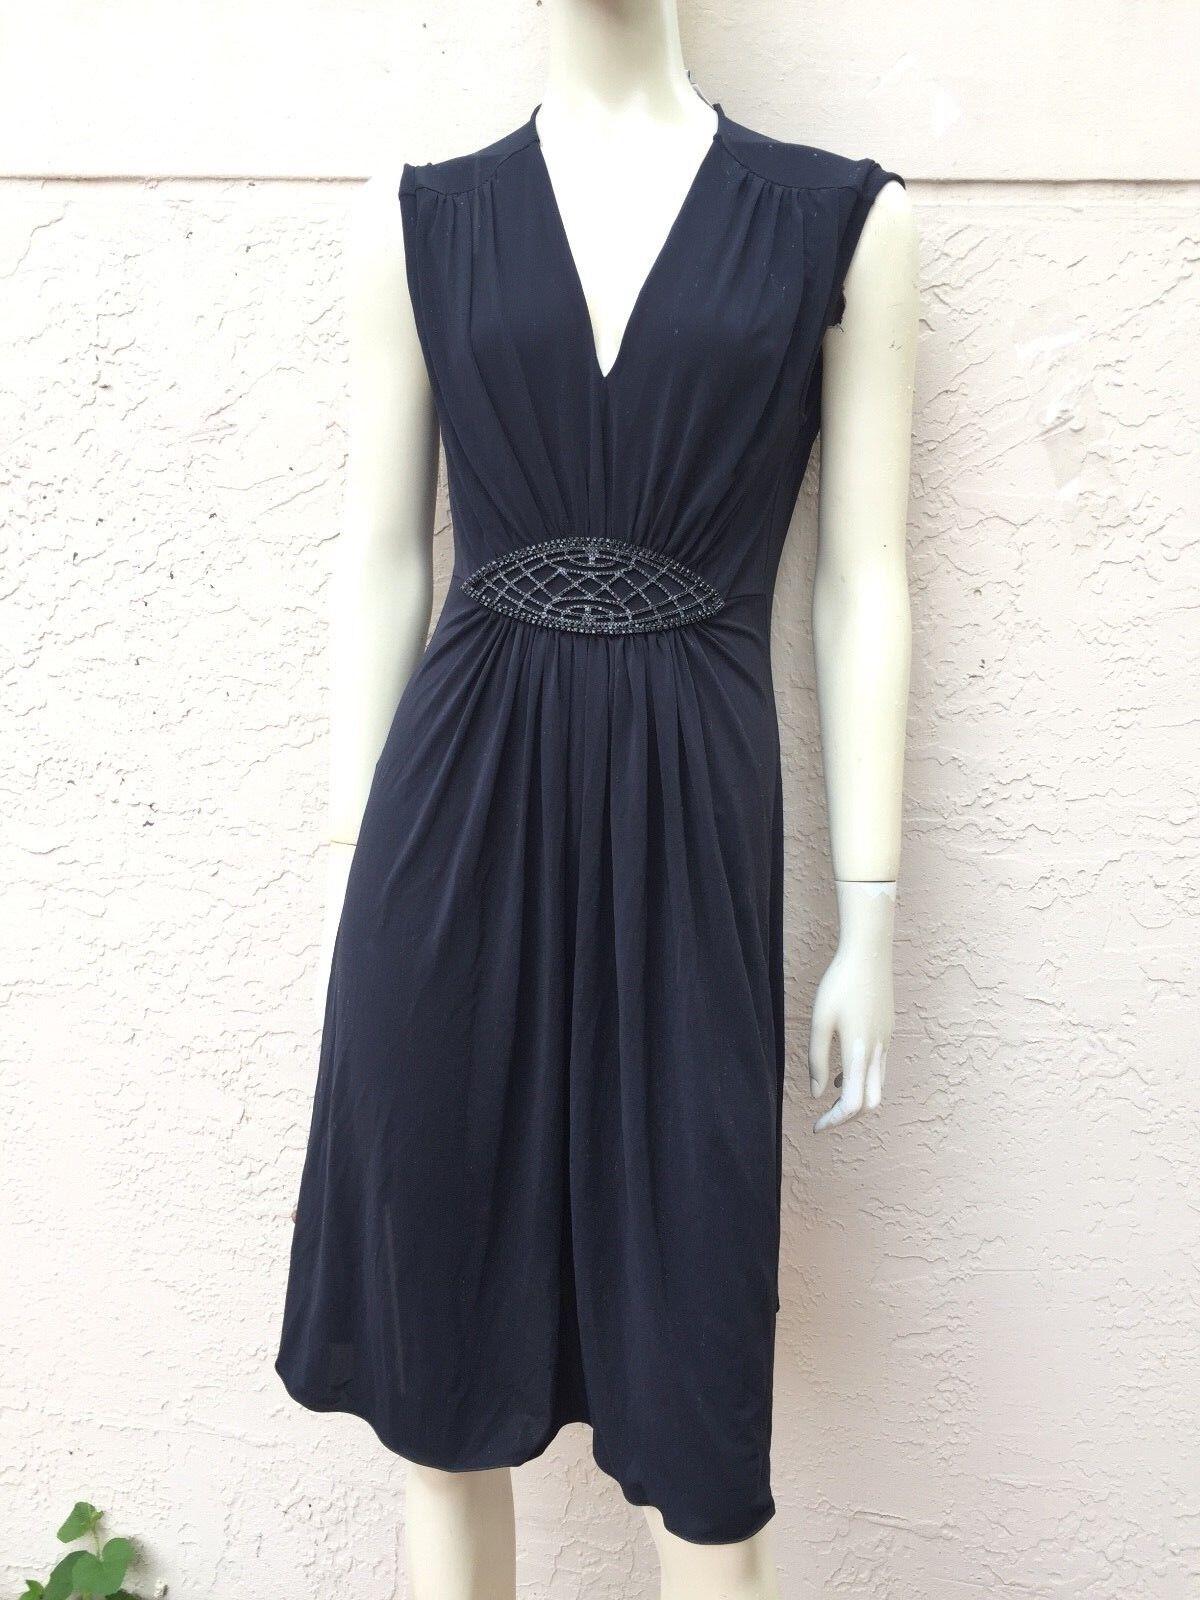 Armani  Collezioni Negro Vestido Adornado Talla 10  punto de venta en línea